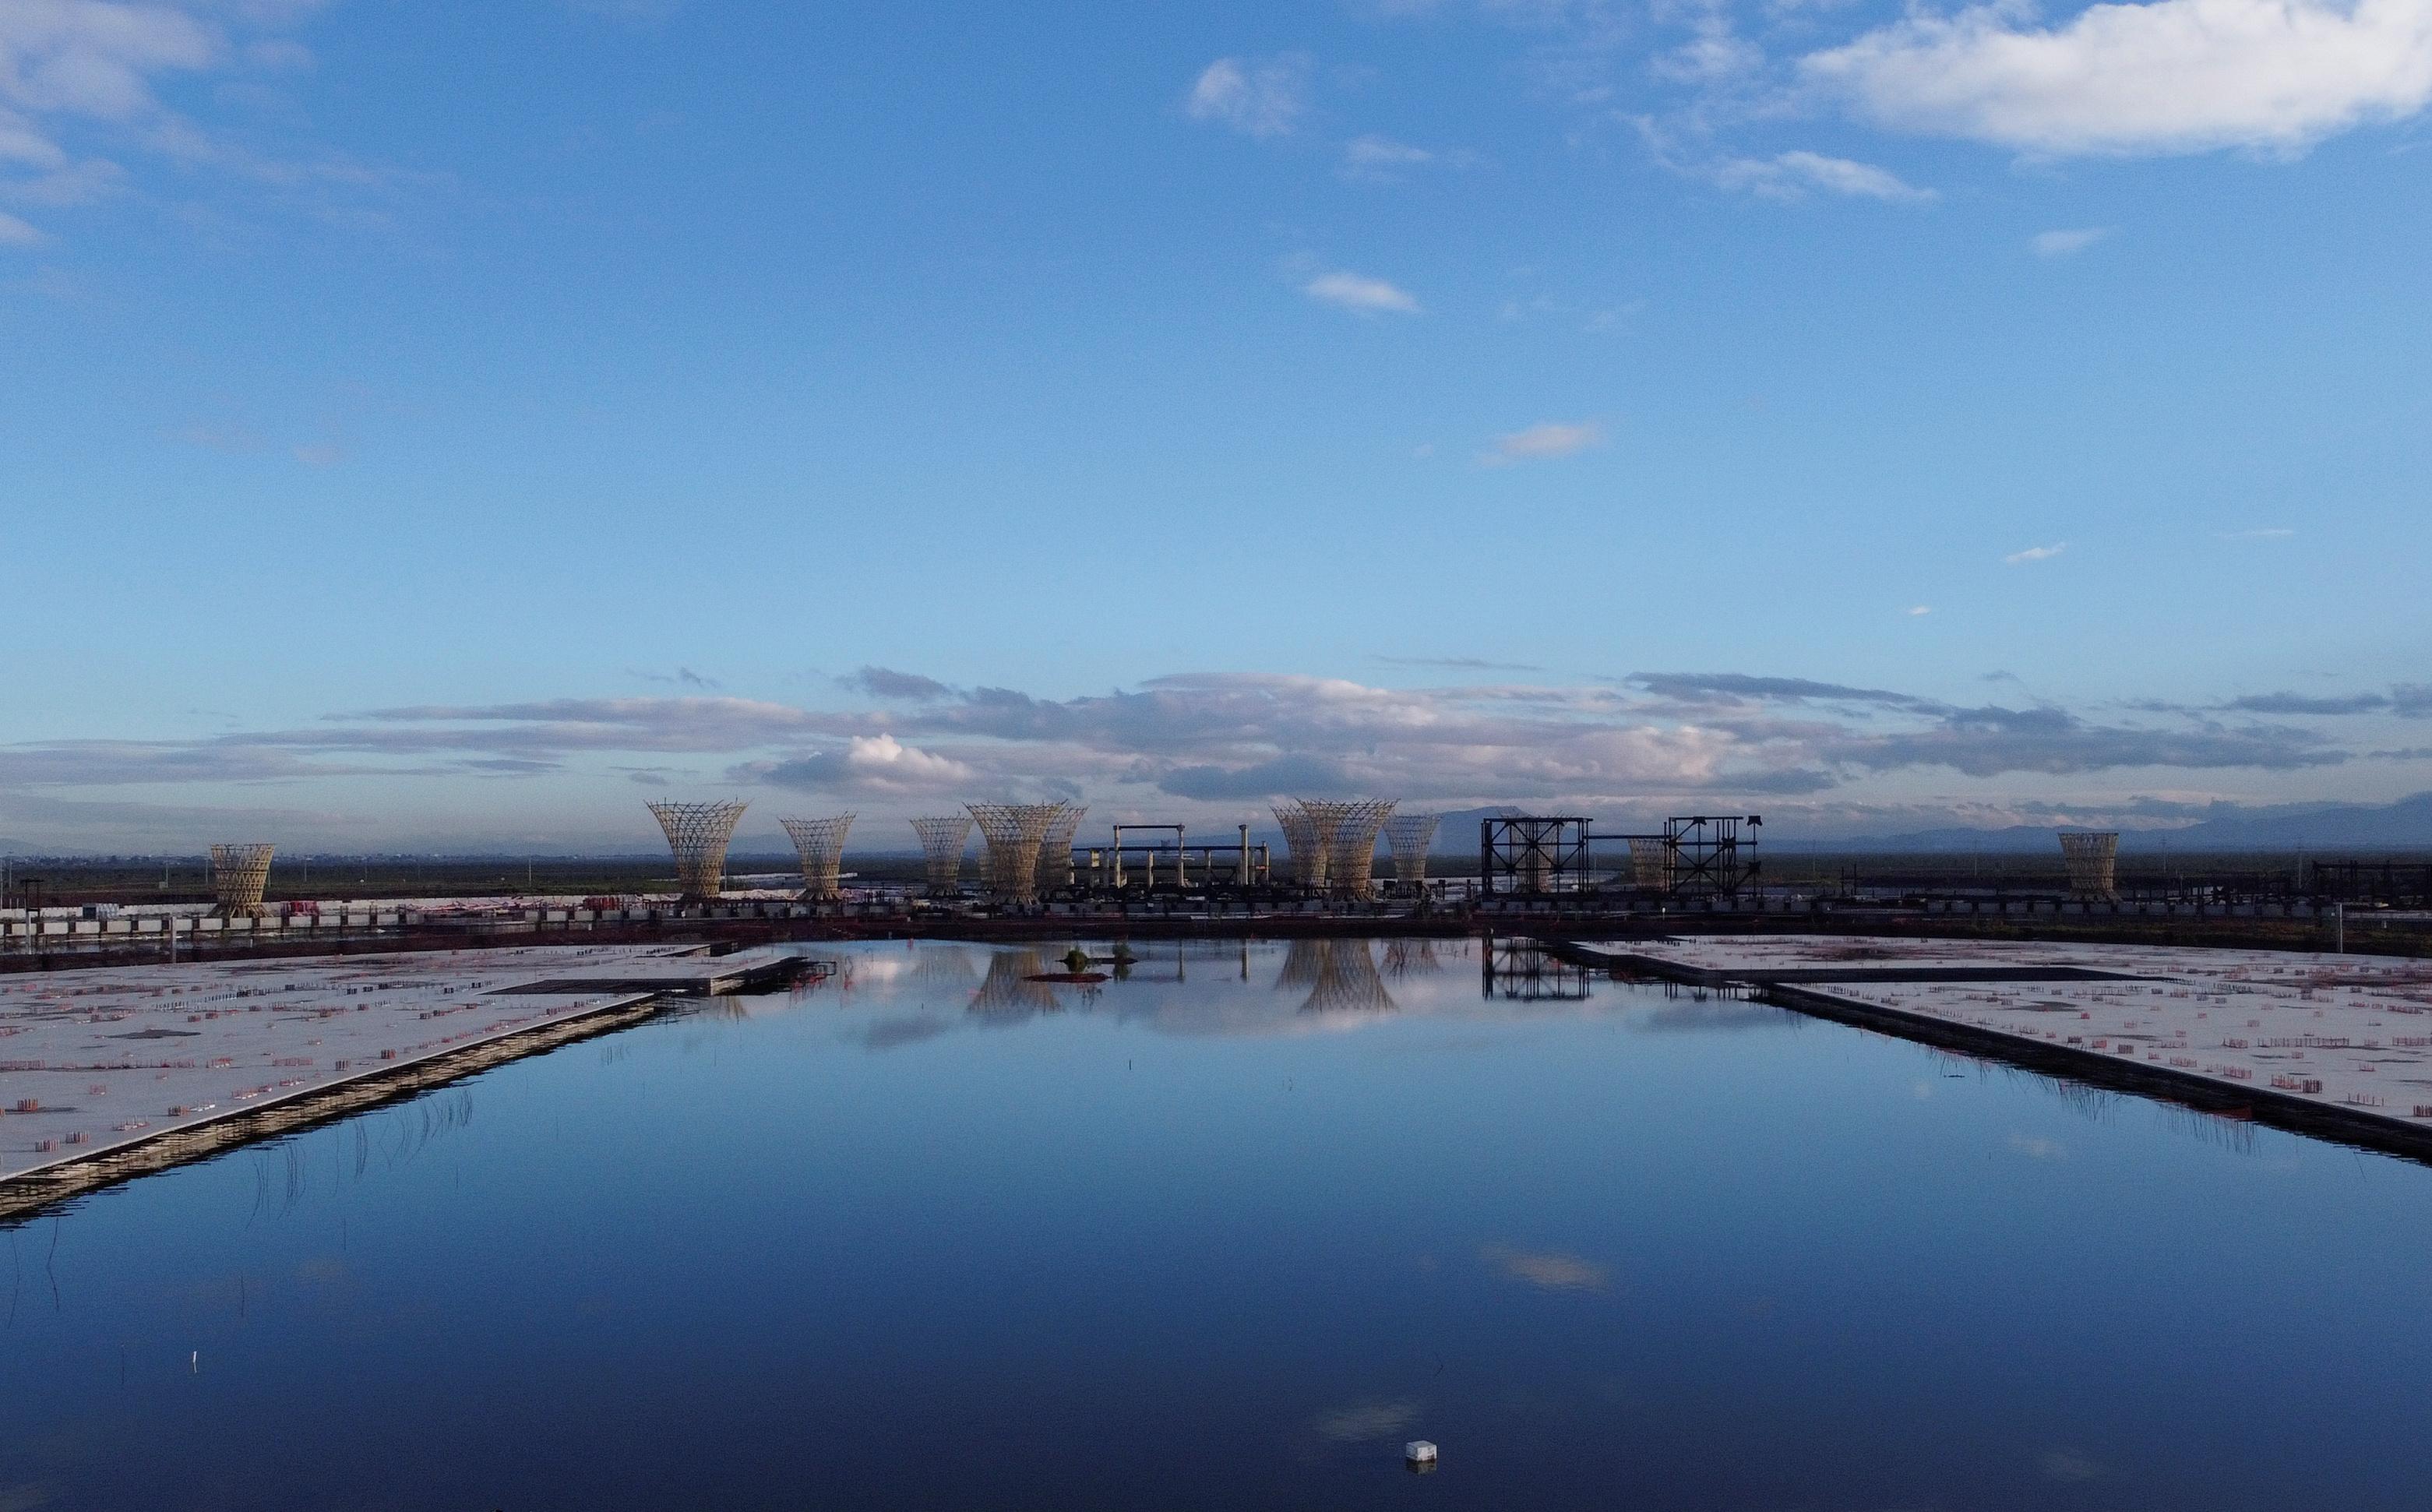 Una vista general muestra partes de la estructura de la terminal de vuelo en una construcción abandonada de un aeropuerto de la Ciudad de México que fue desguazado hace dos años, ahora inundado por las lluvias de verano, en Texcoco, en las afueras de la Ciudad de México, México el 4 de septiembre de 2020. Imagen tomada el 4 de septiembre de 2020.